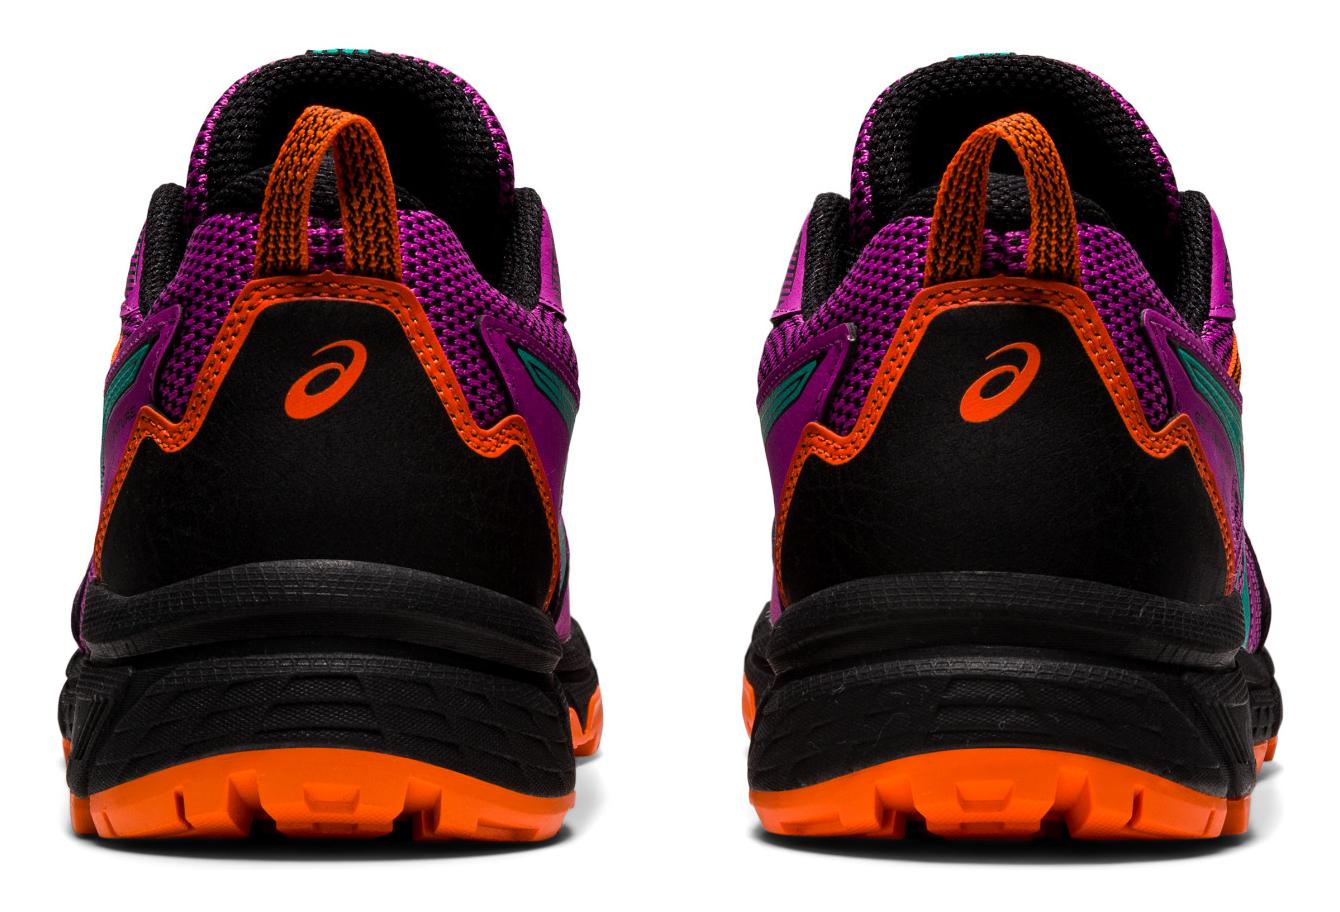 Chaussures femme Asics Gel-Venture 8 | Alltricks.com